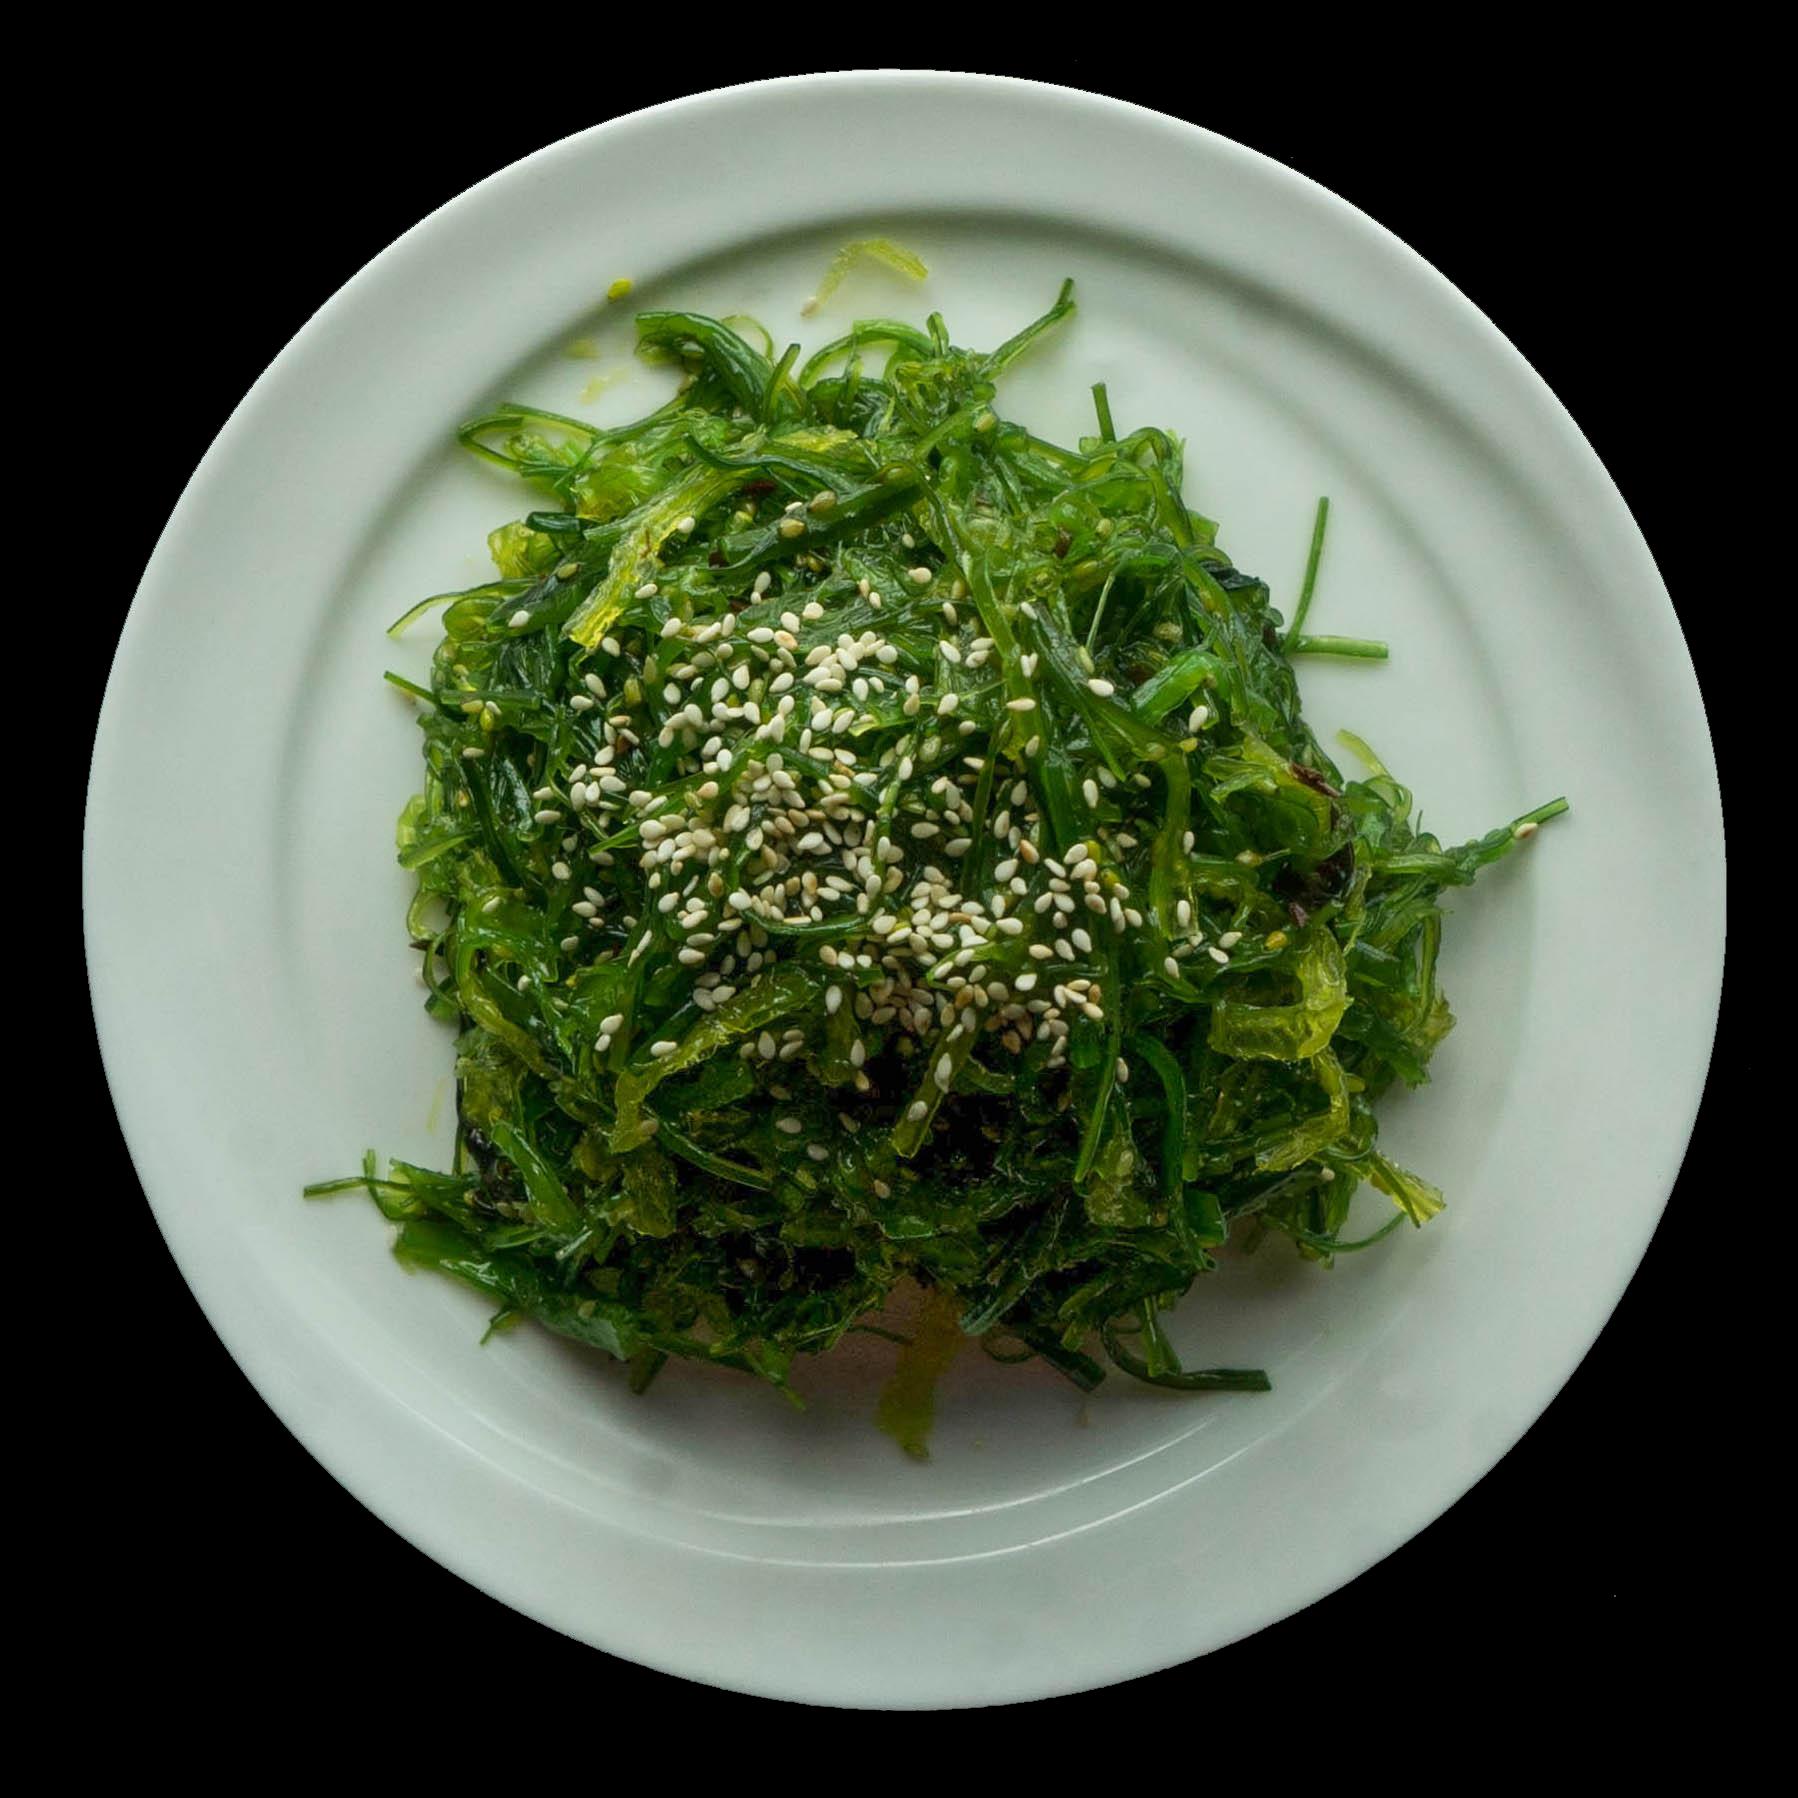 26. 凉拌海草 Seaweed Salad